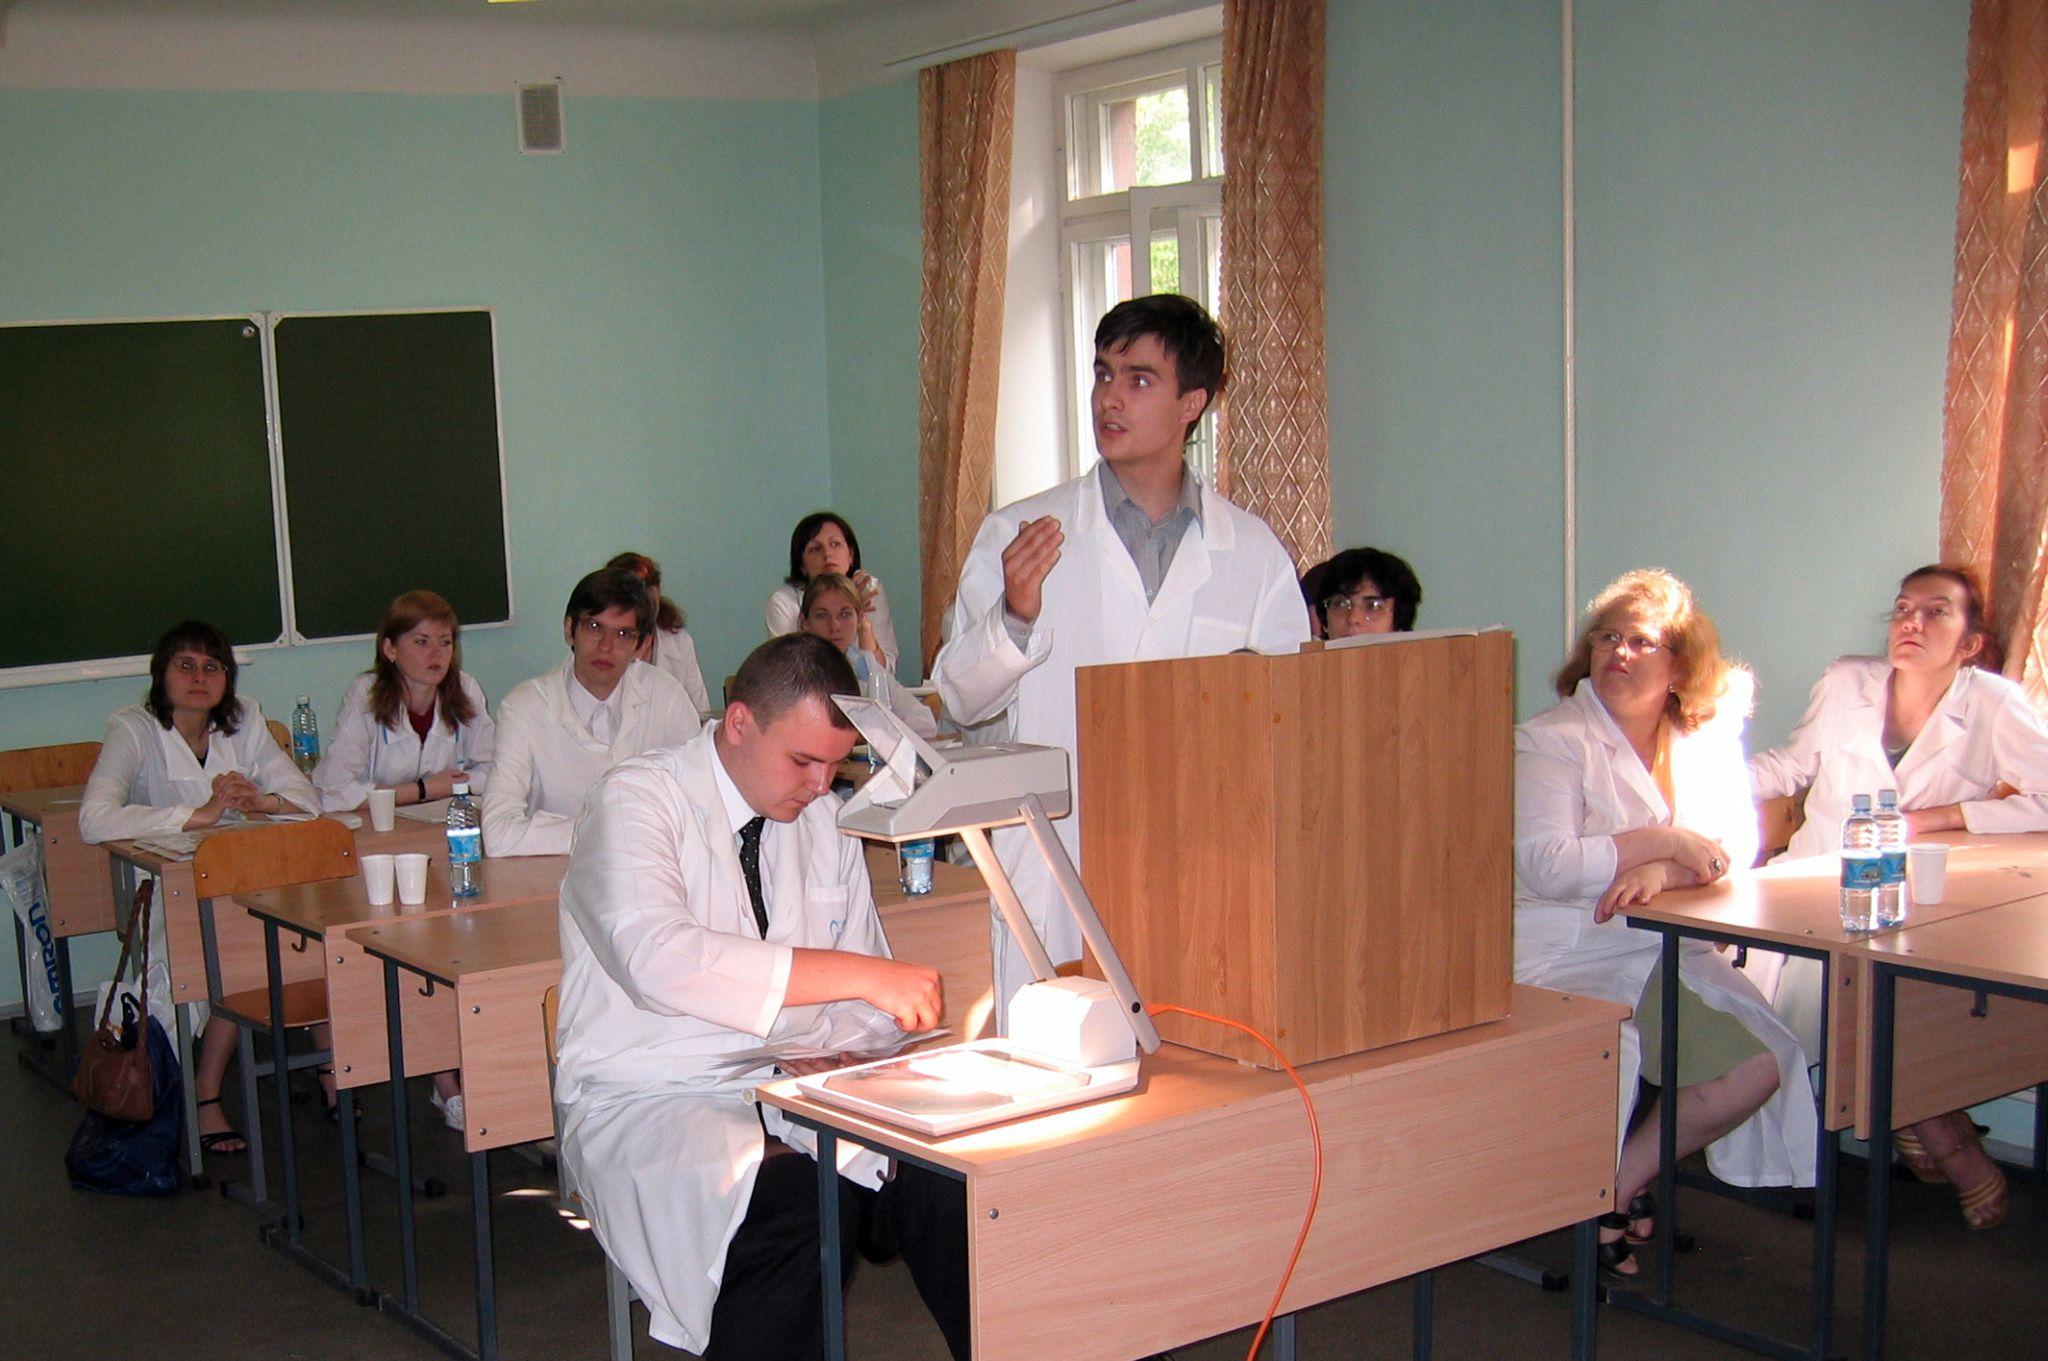 Волгоградский государственный медицинский университет ВолГМУ   Защиты дипломов всегда проходят успешно